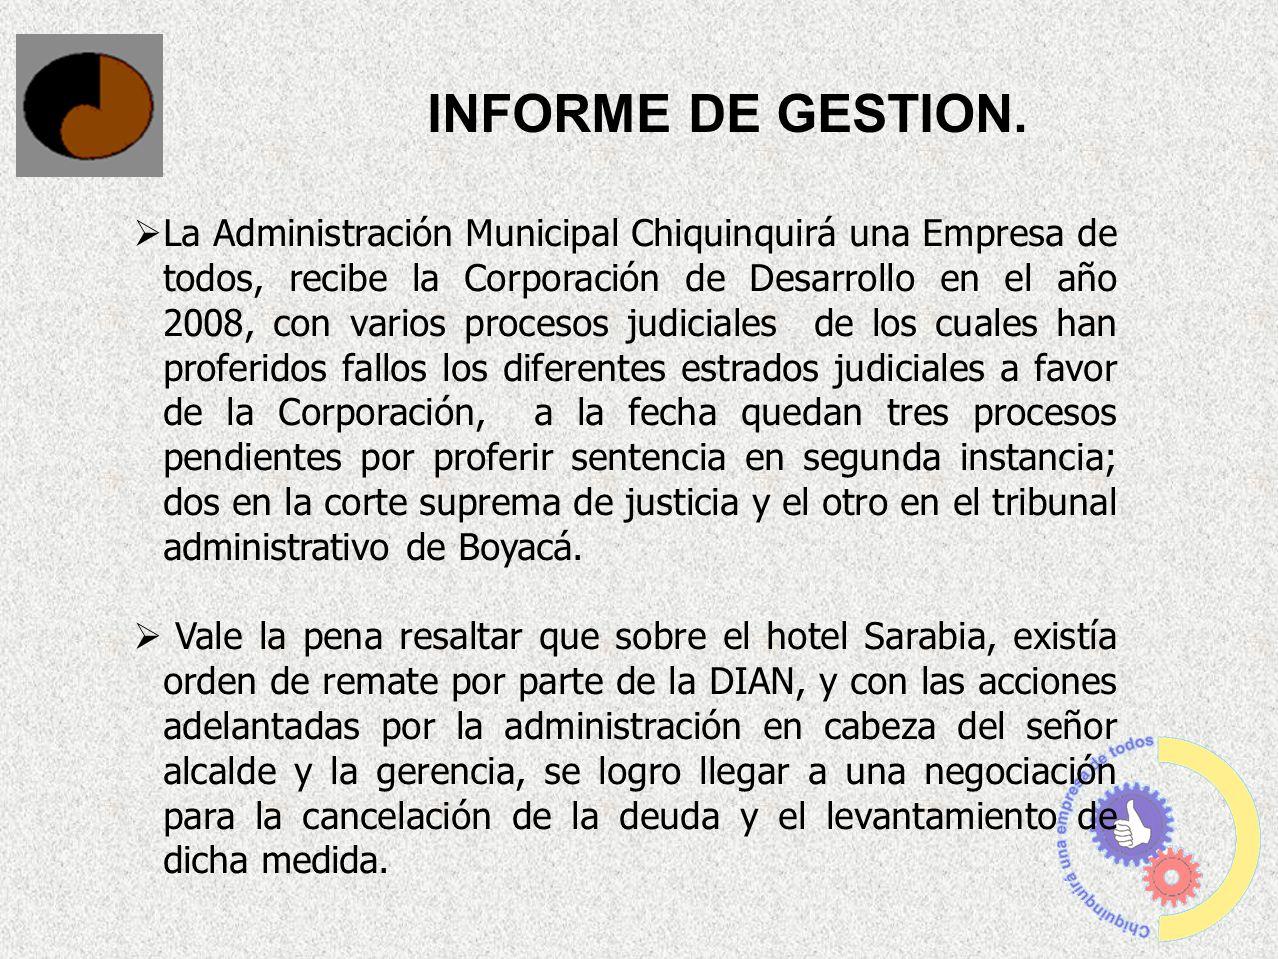 La Administración Municipal Chiquinquirá una Empresa de todos, recibe la Corporación de Desarrollo en el año 2008, con varios procesos judiciales de l